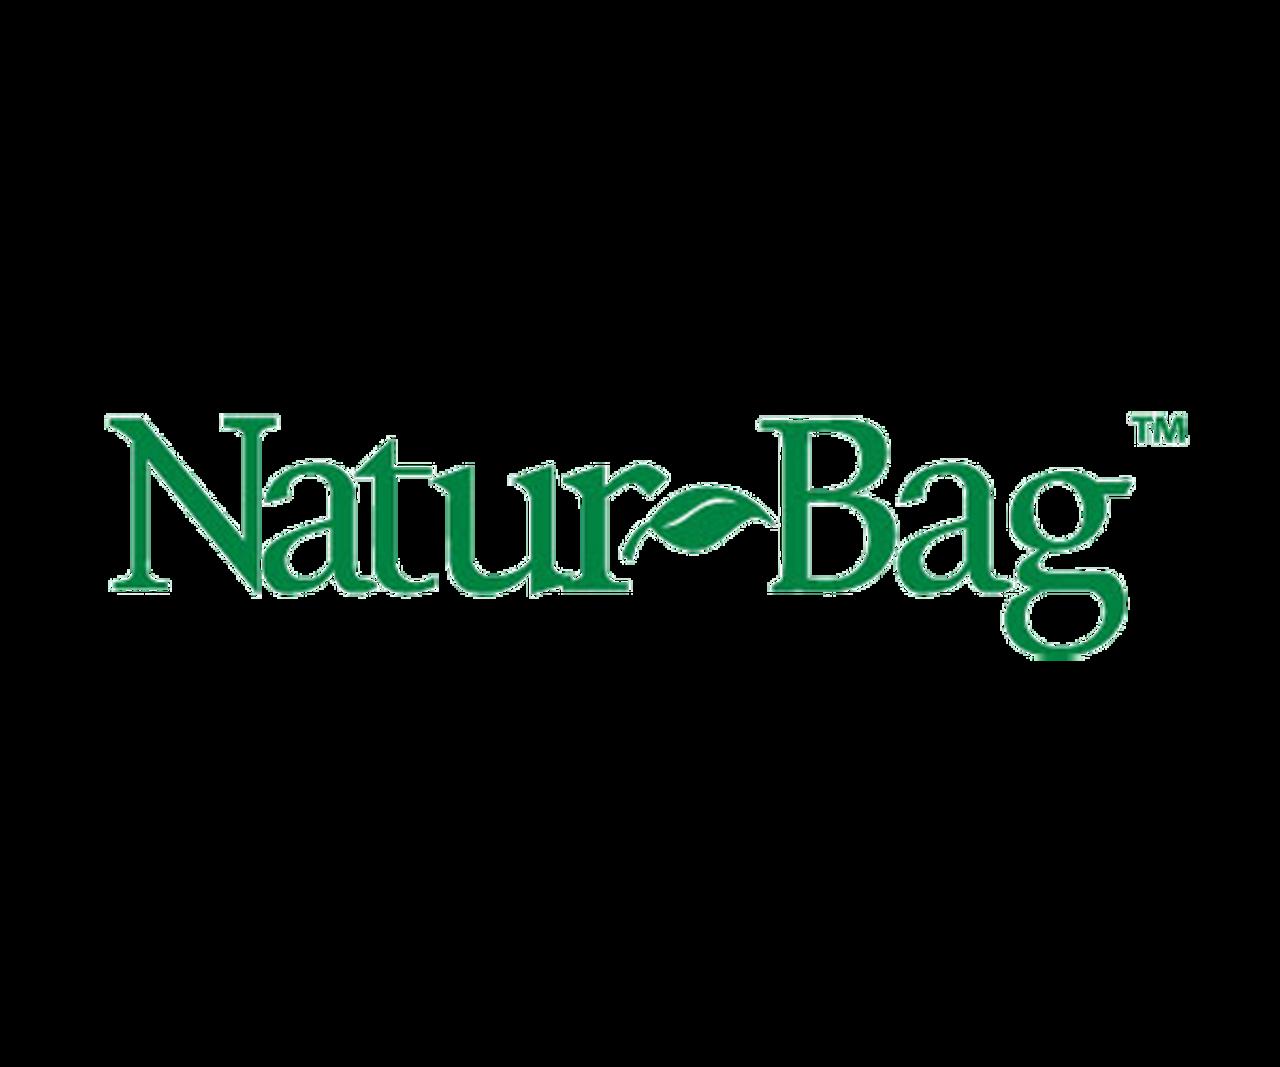 NaturBag